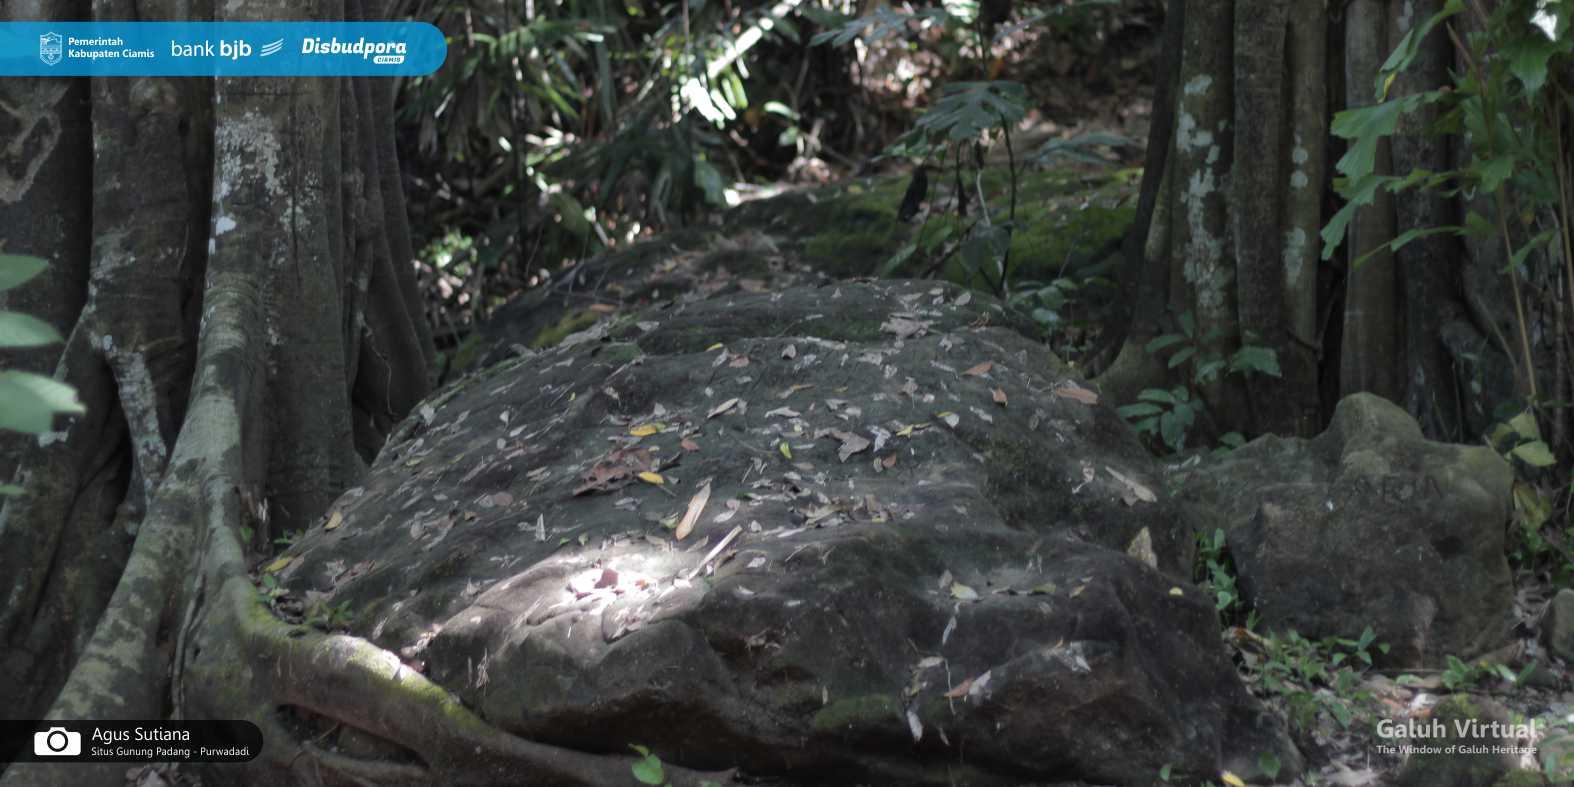 Situs Gunung Padang - Purwadadi